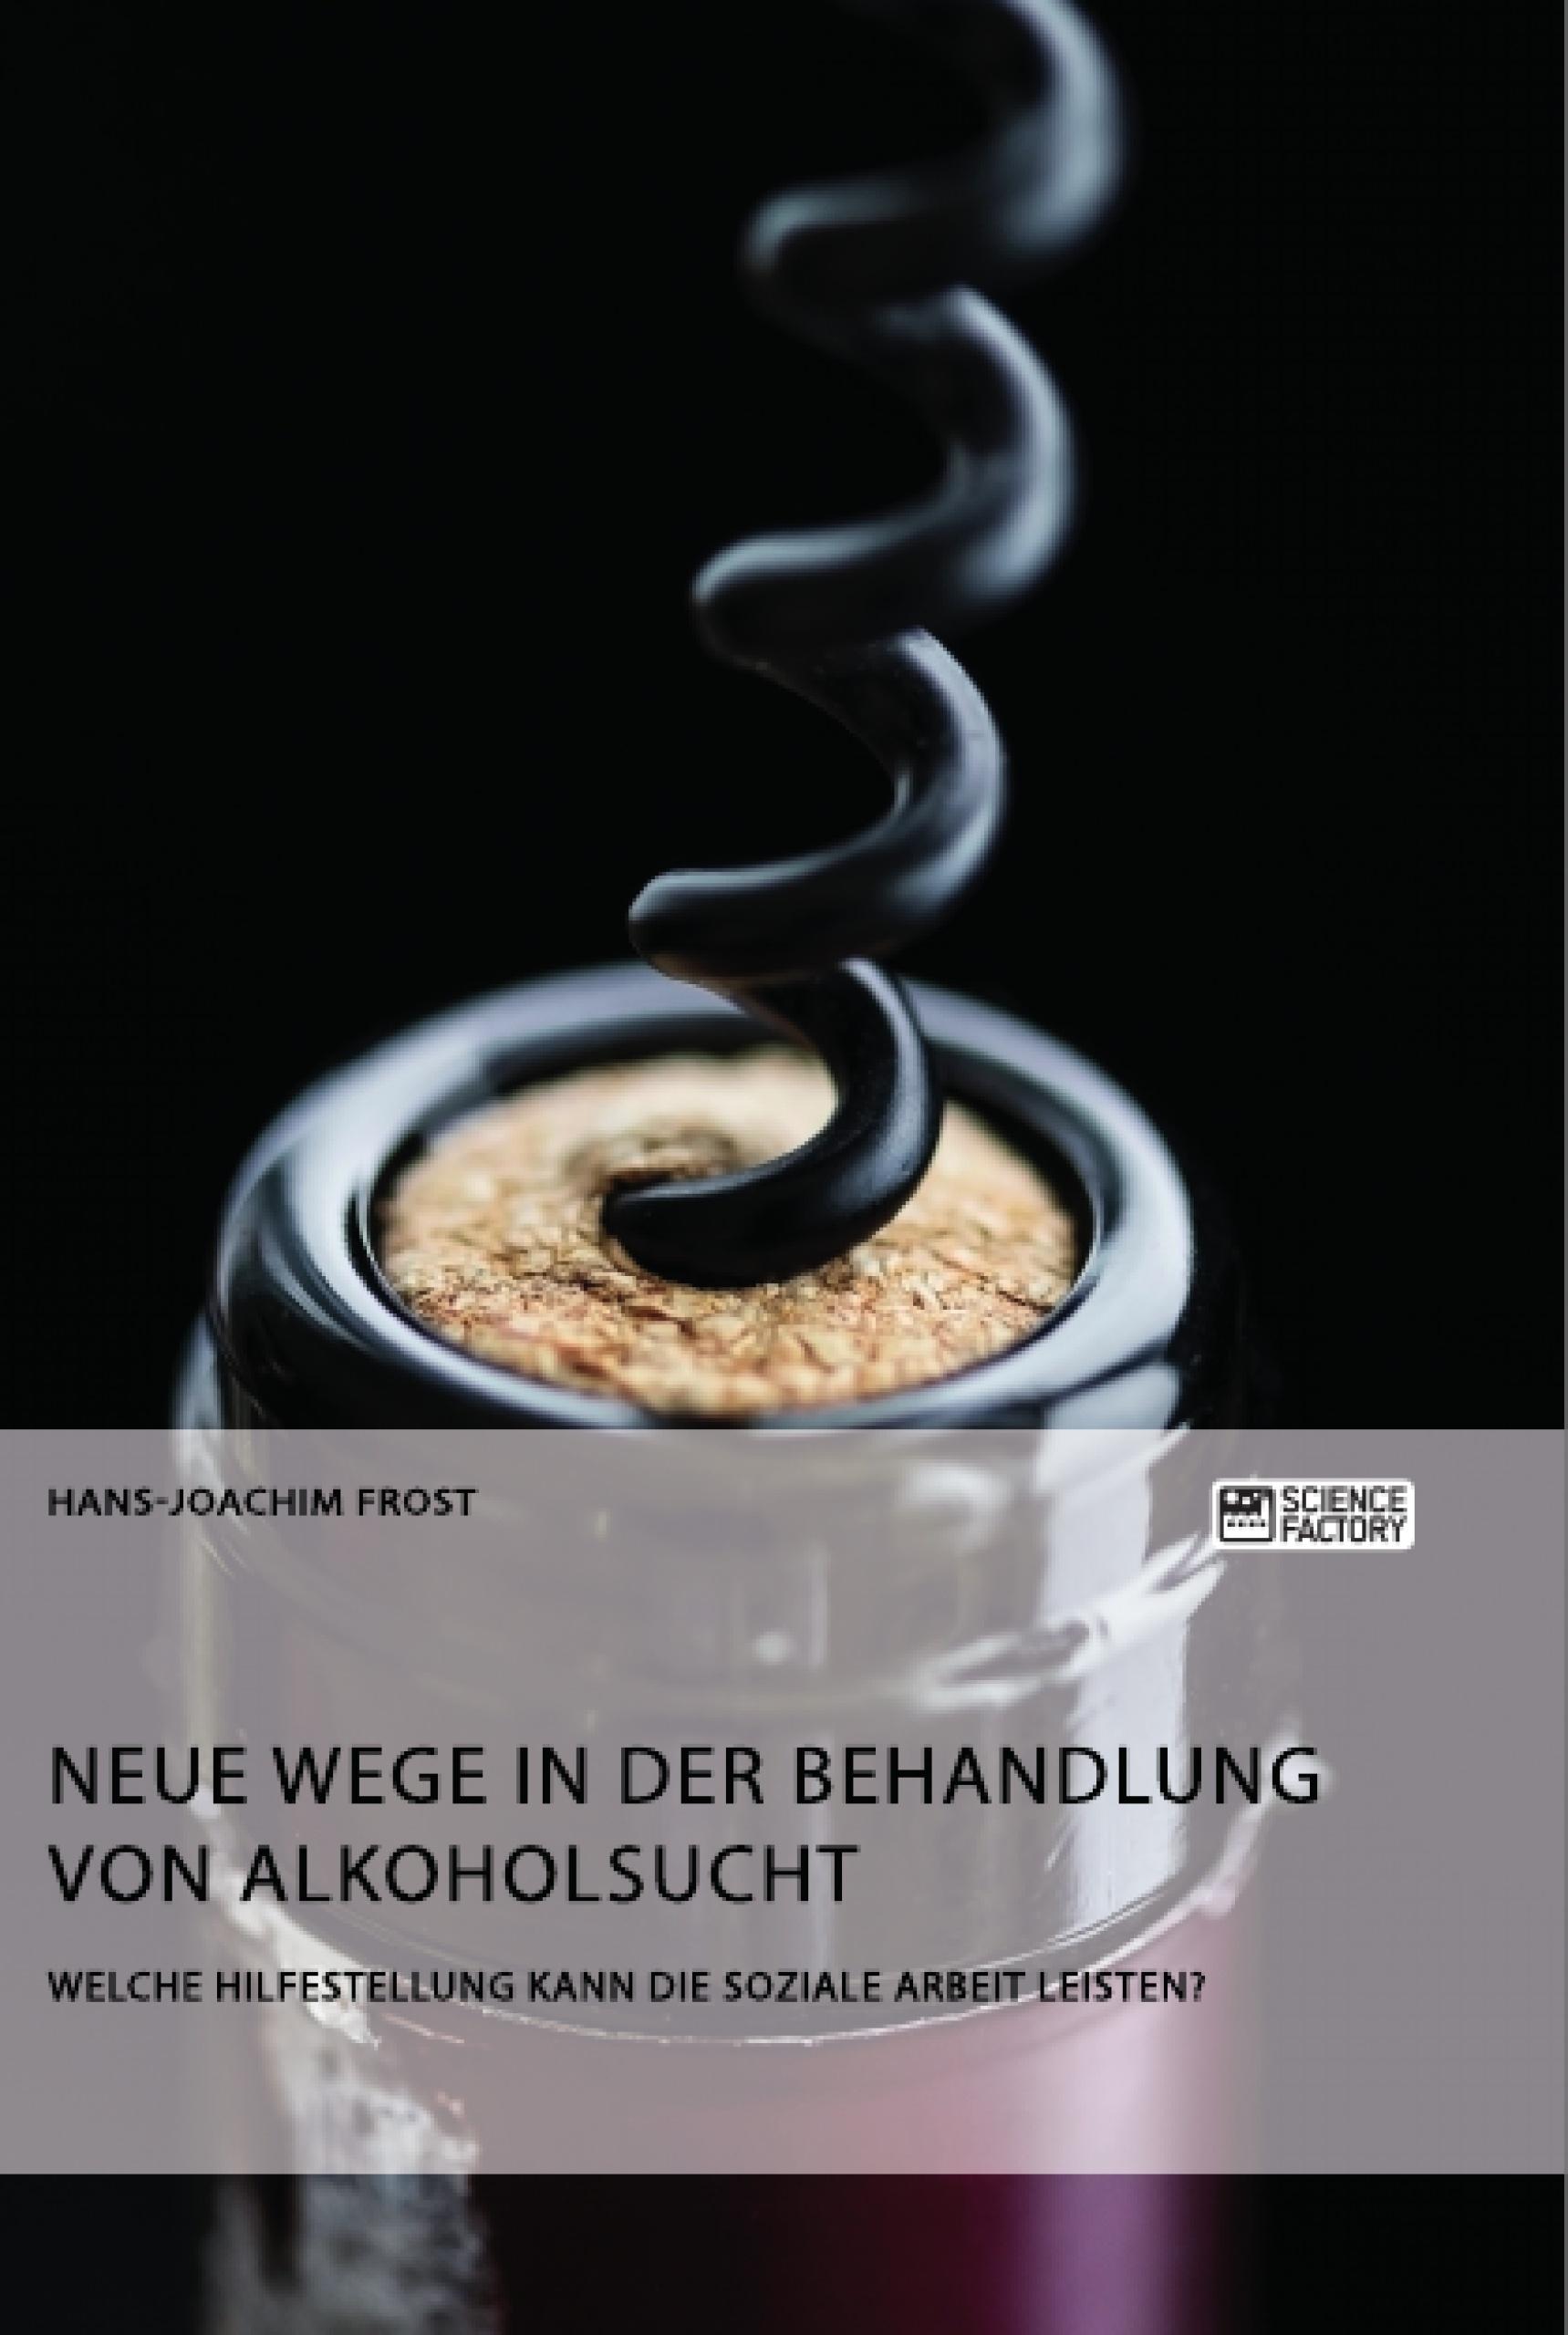 Titel: Neue Wege in der Behandlung von Alkoholsucht. Welche Hilfestellung kann die Soziale Arbeit leisten?